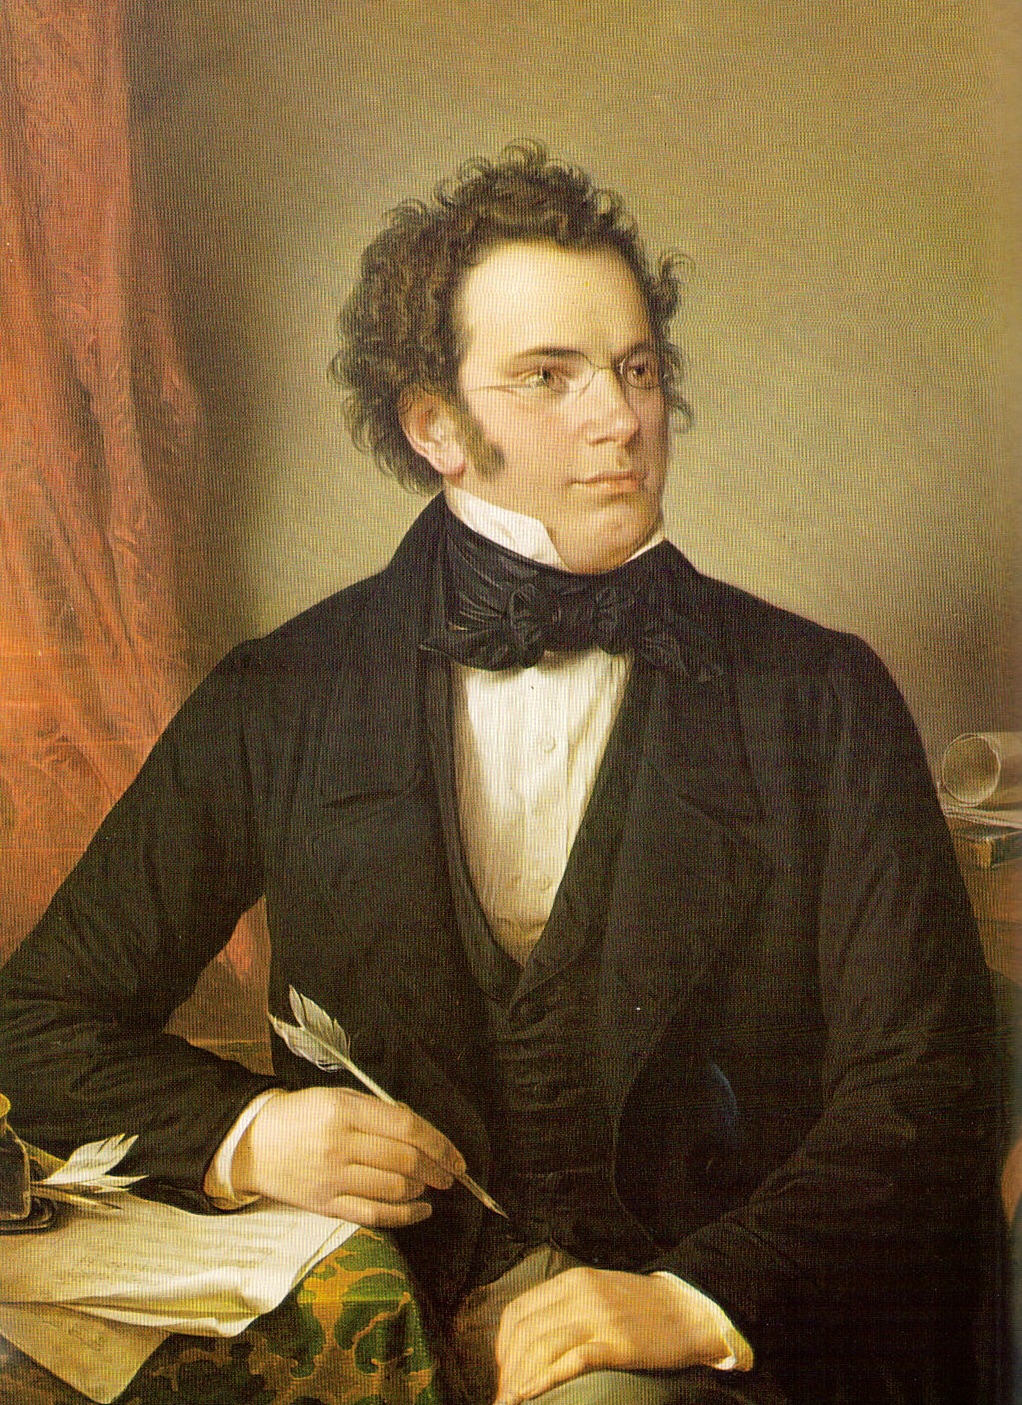 Und, das ist Herr Schubert.